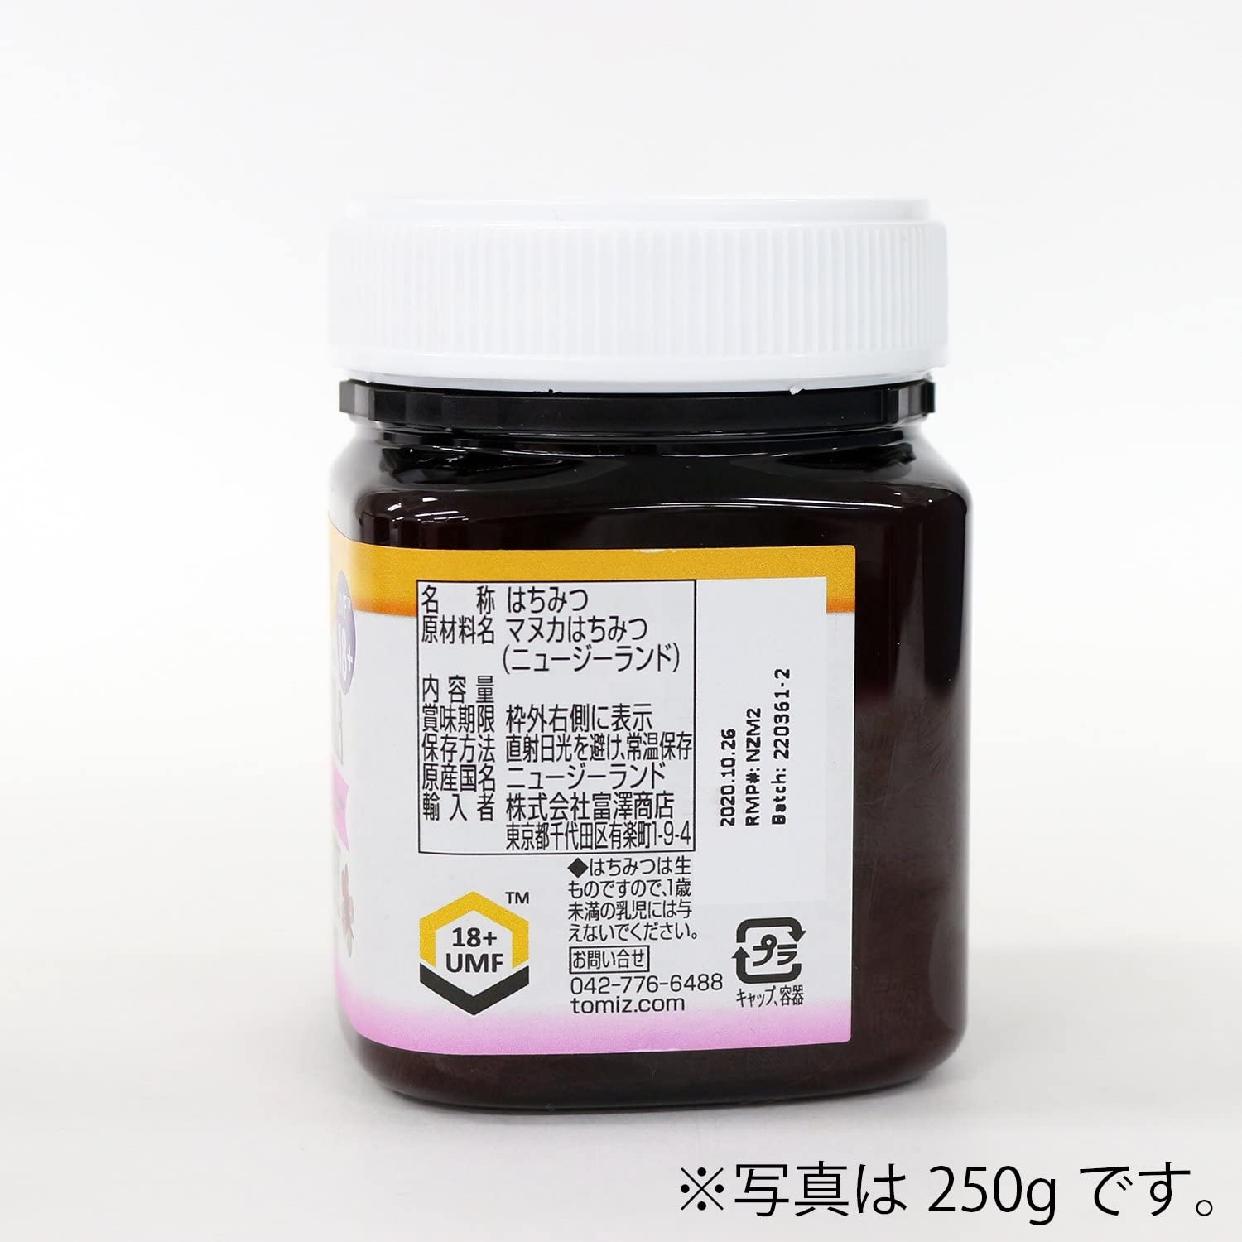 富澤商店(TOMIZ) TOMIZマヌカハニー UMF18+の商品画像3